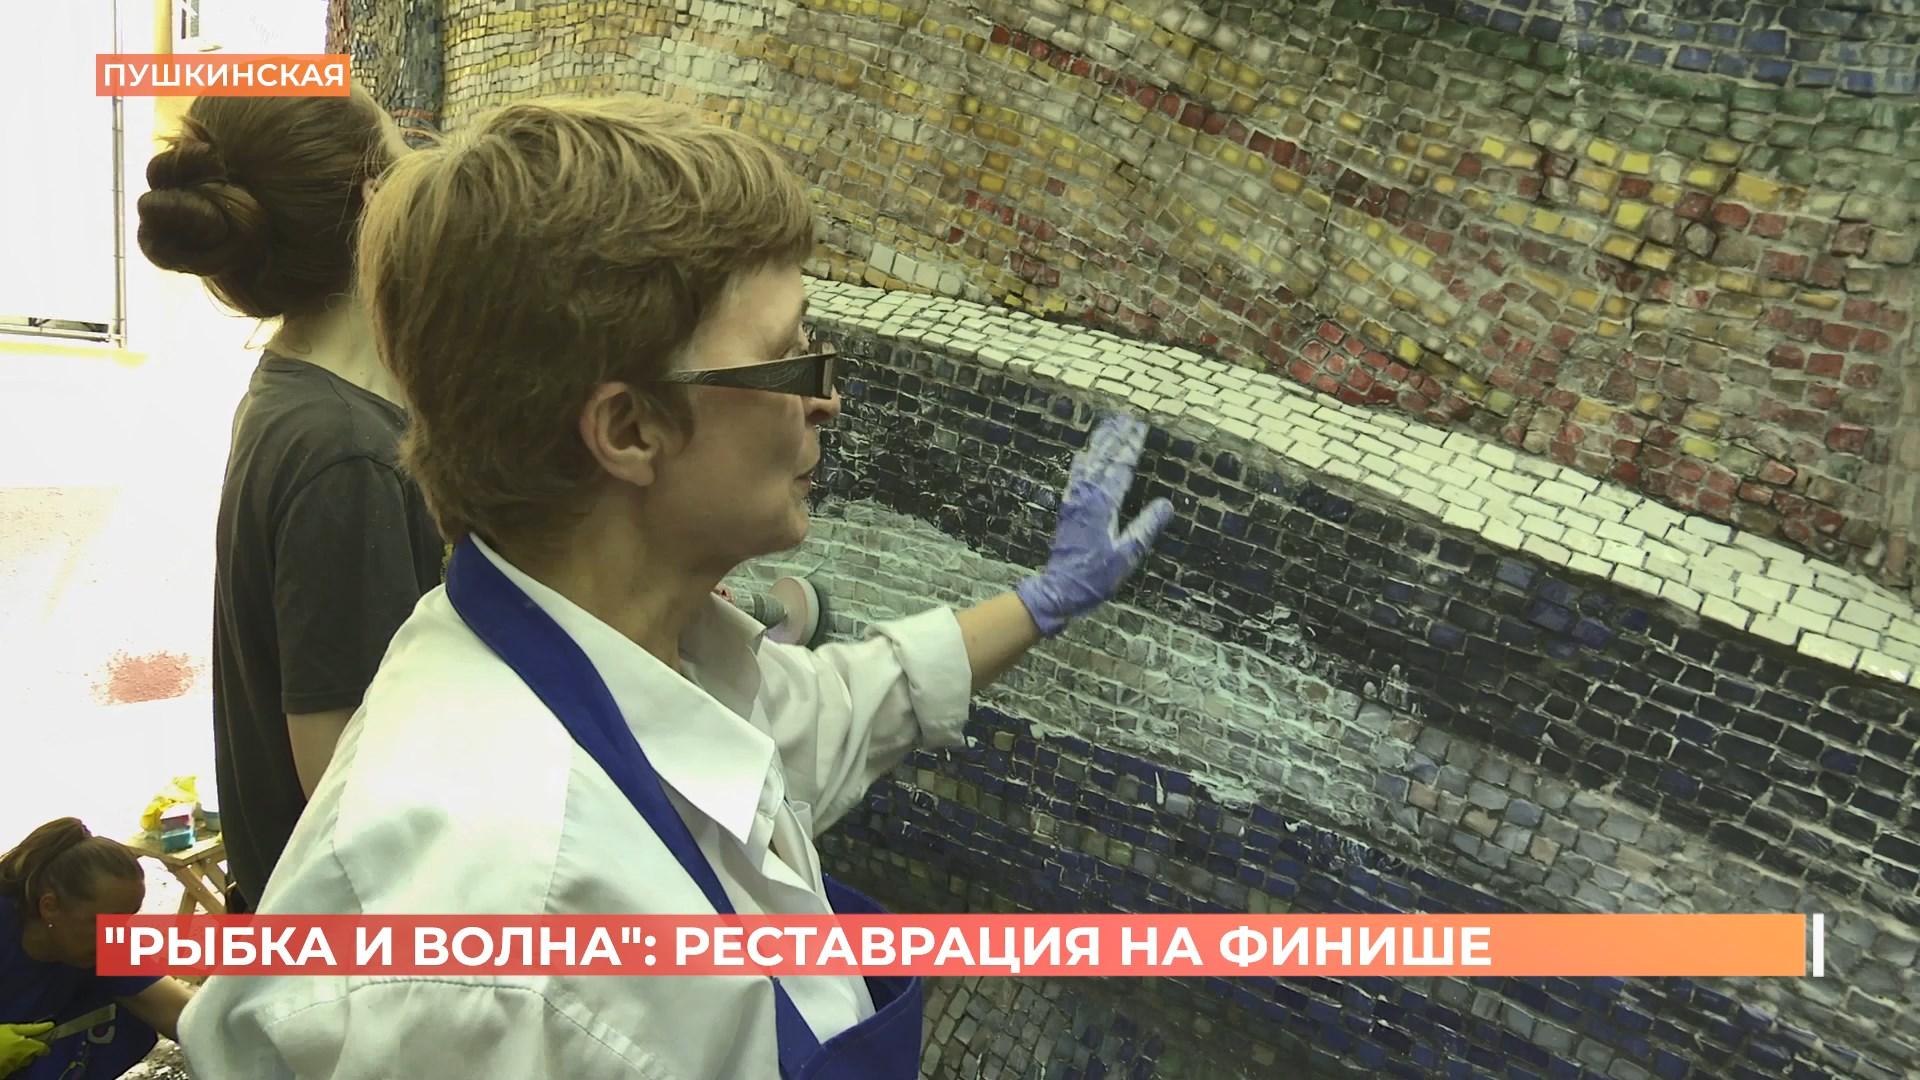 На финальной волне: ростовские волонтёры заканчивают реставрацию мозаичной скульптуры «Рыбка»